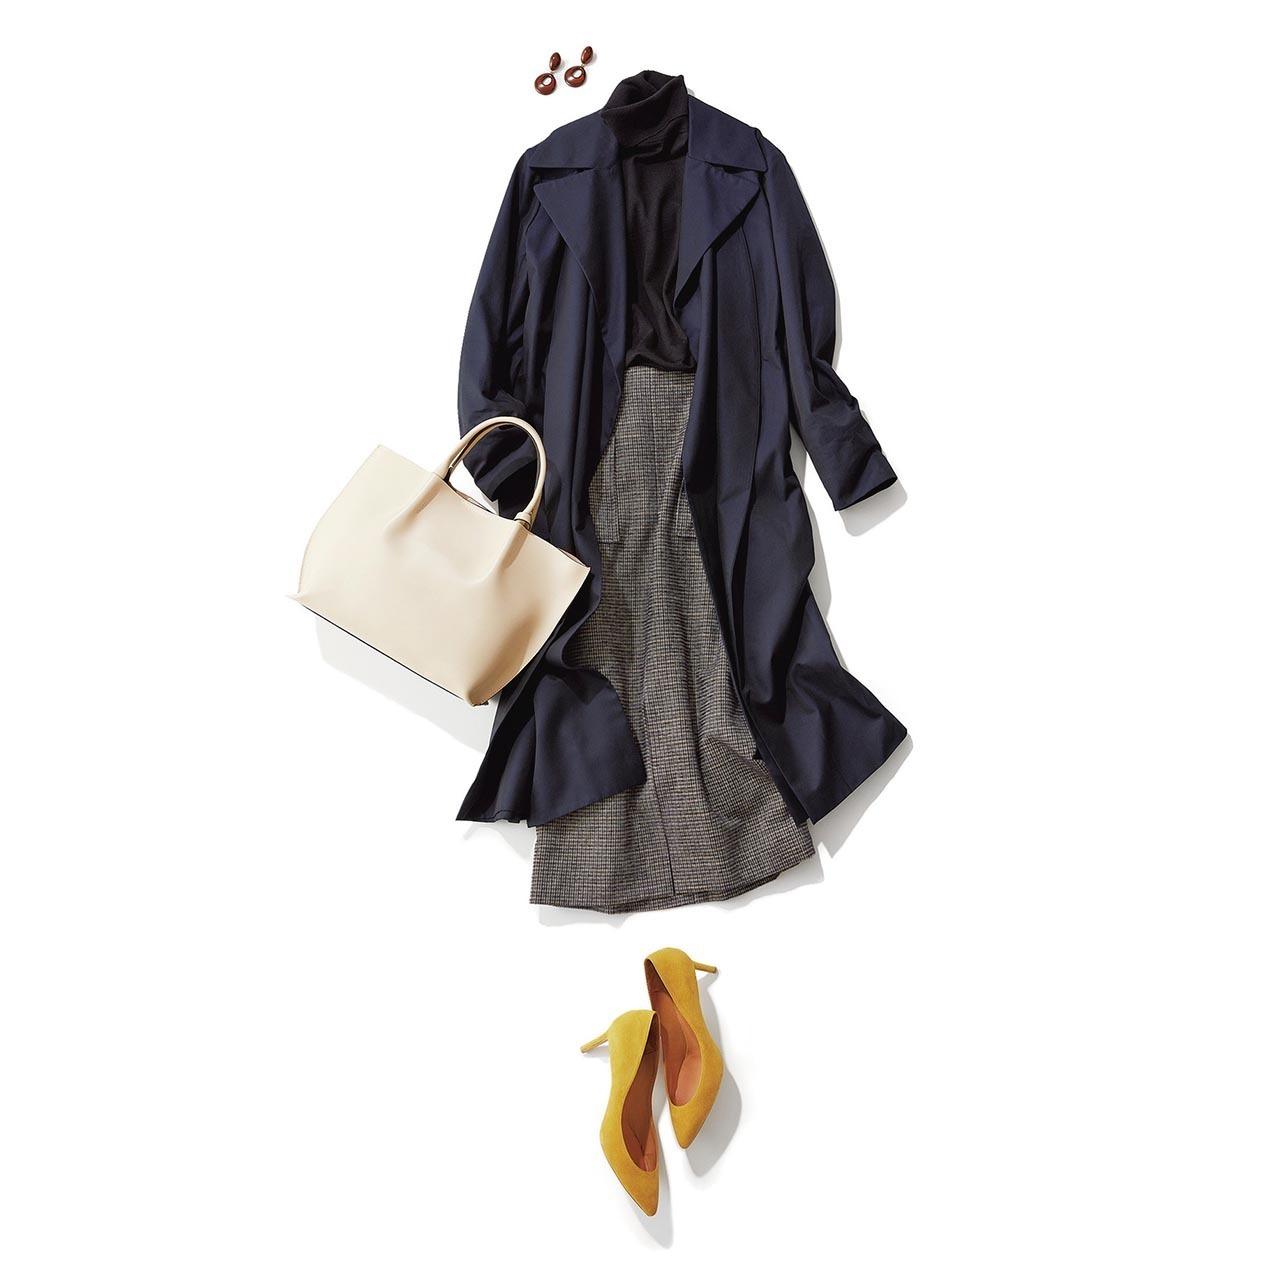 トレンチコート×タートルネックニット×ドビー・チェック柄スカートコーデを着用した高垣麗子